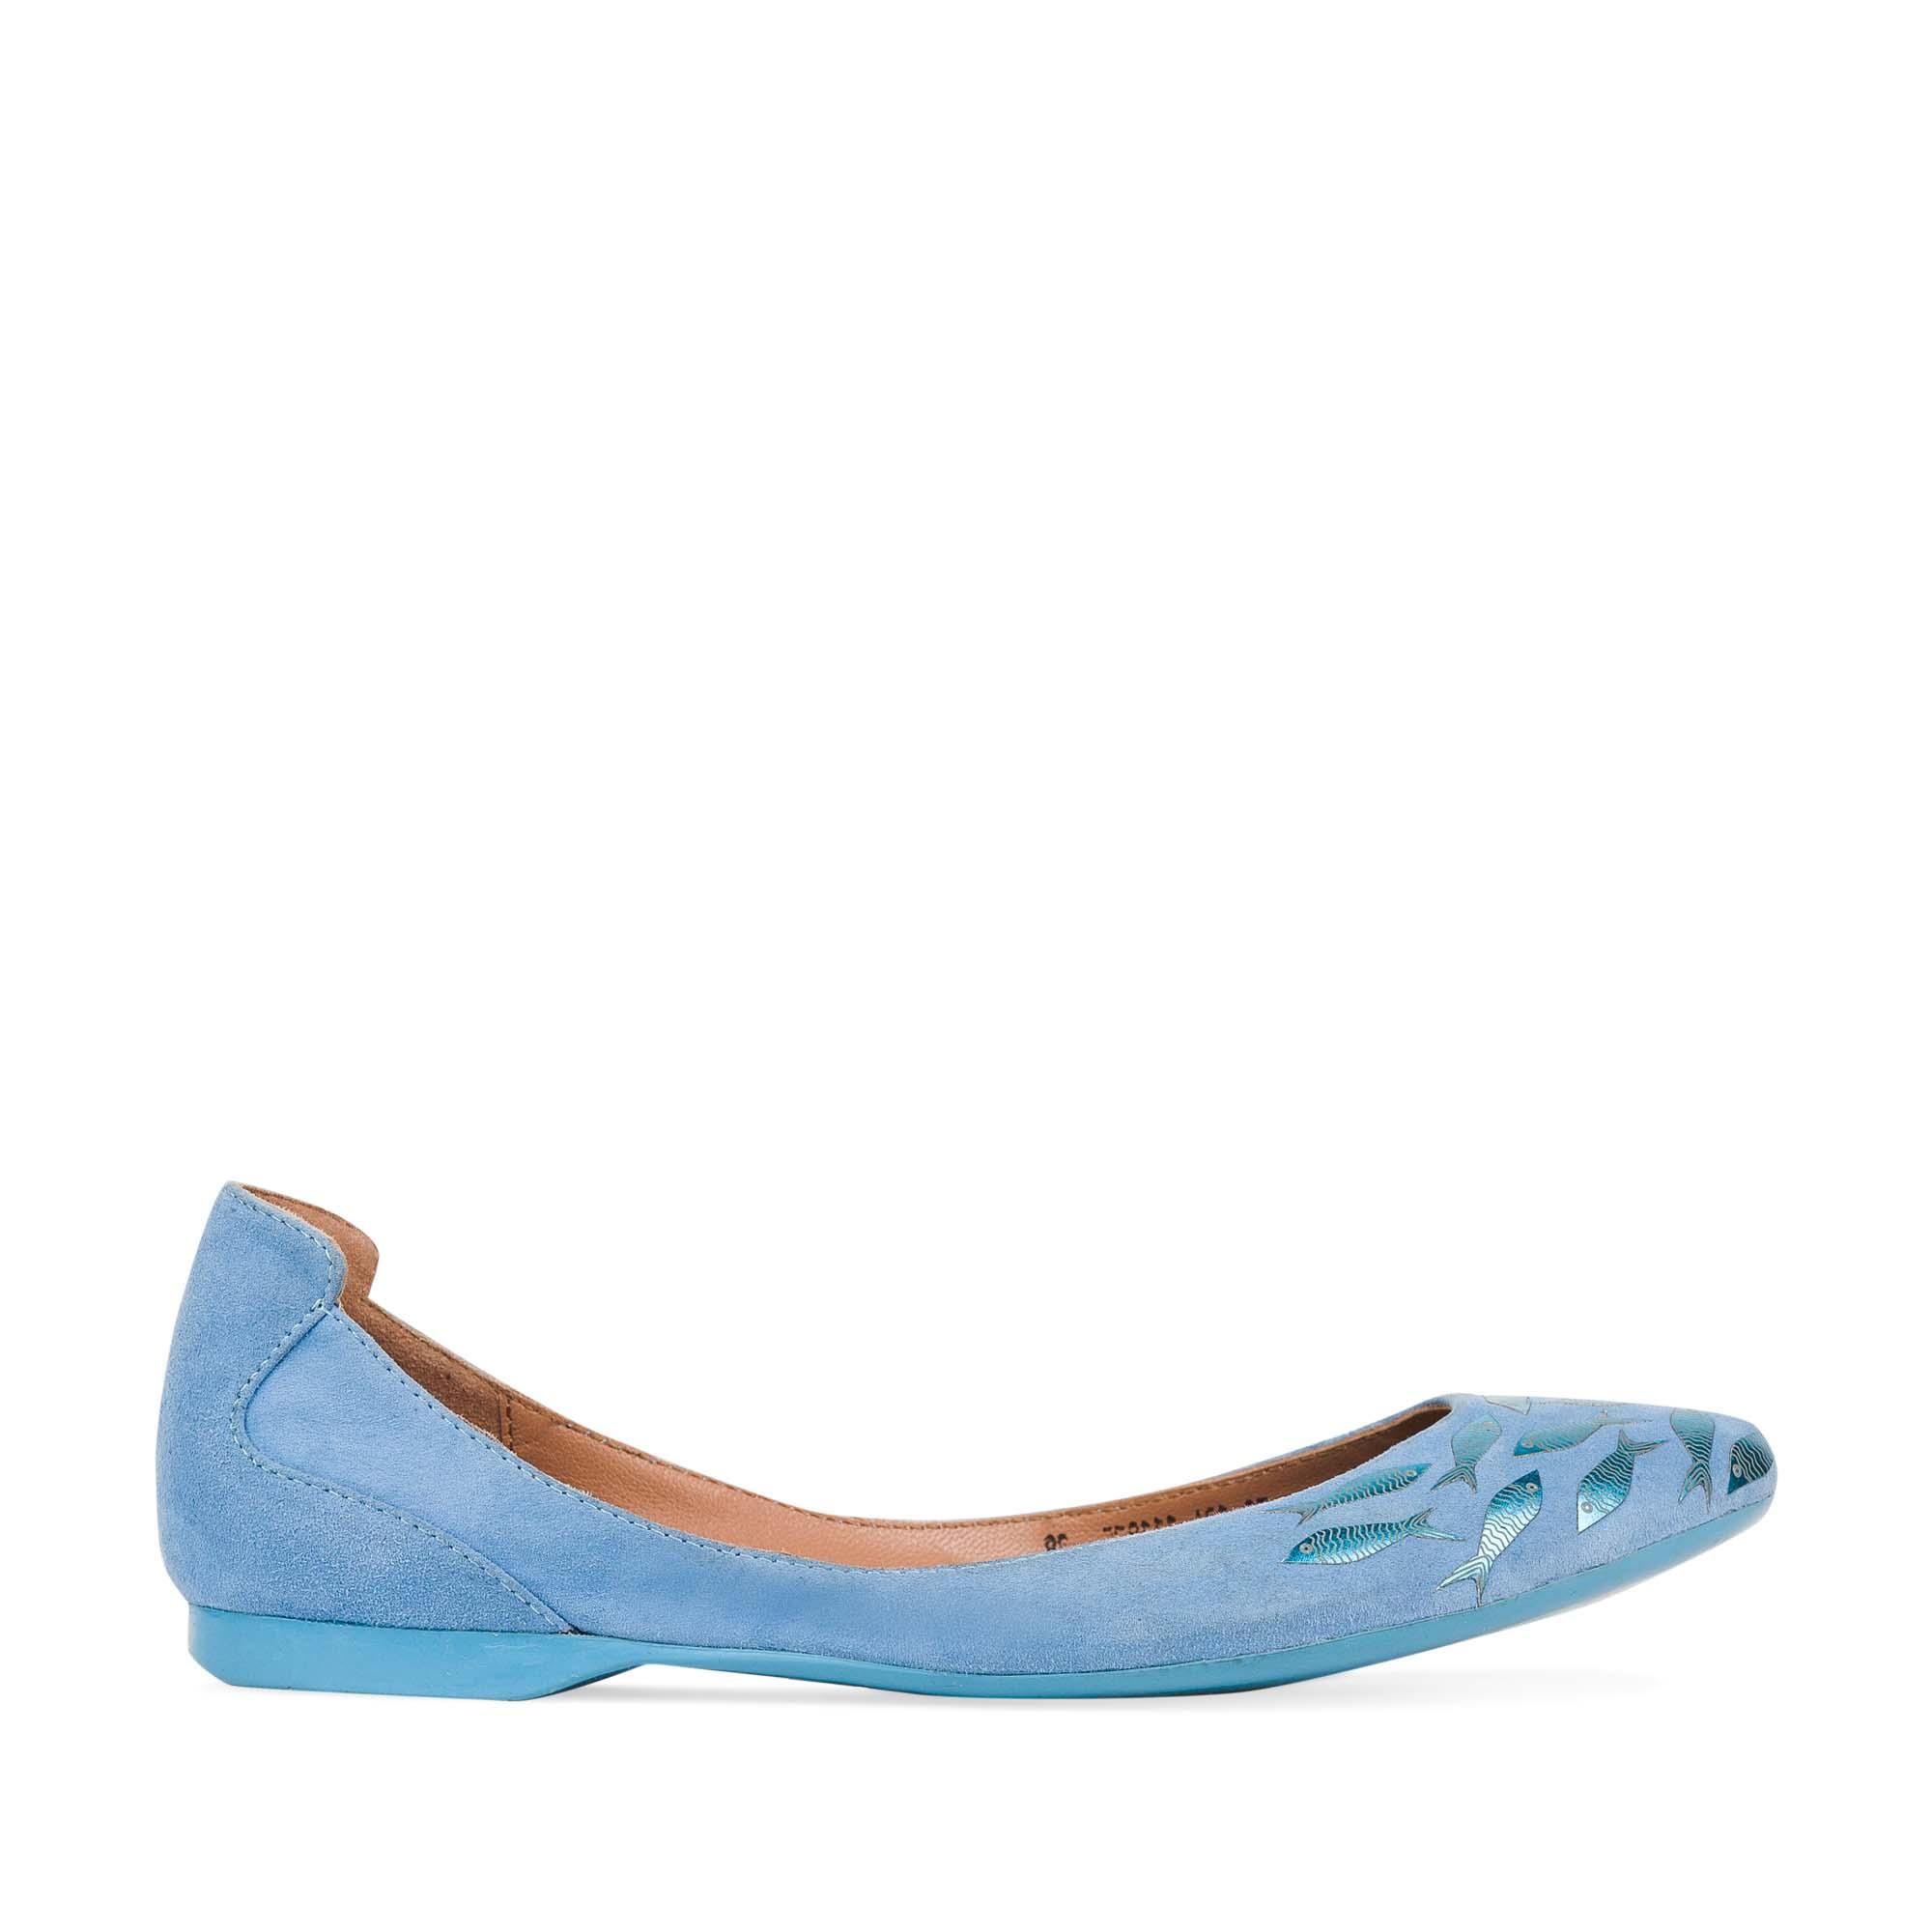 CORSOCOMO Замшевые балетки небесно-голубого цвета с аппликацией 50-124-111875